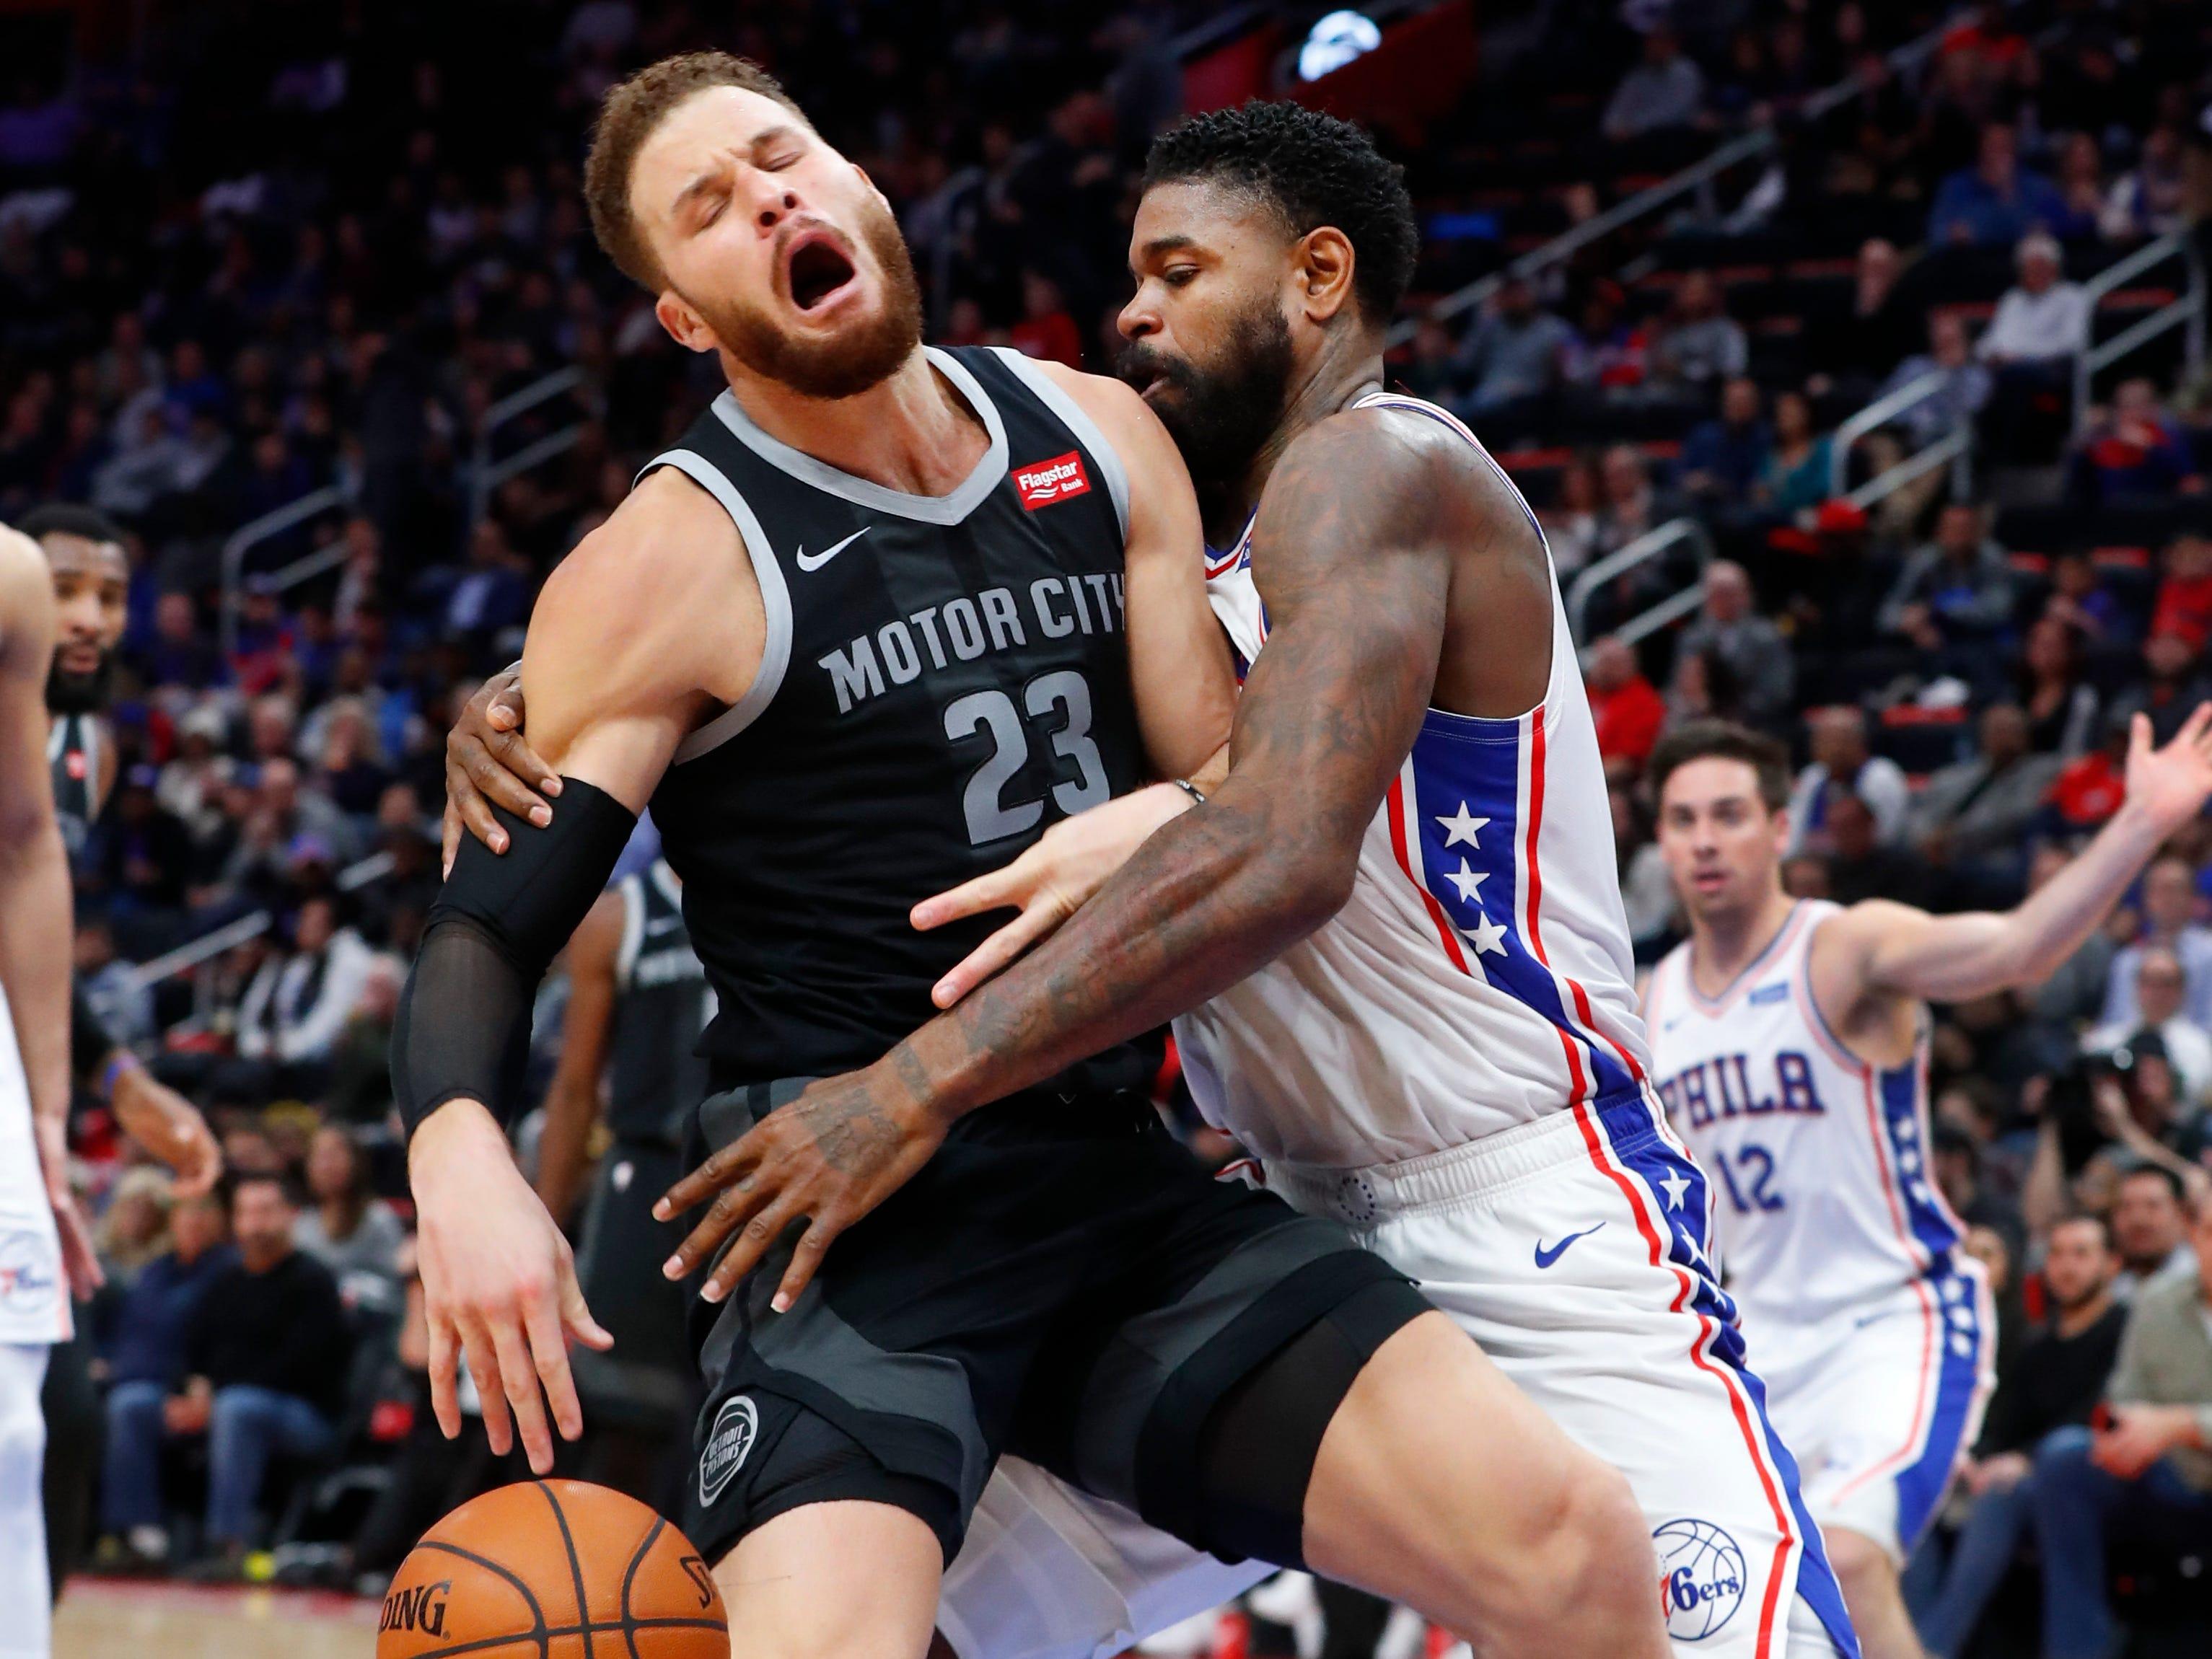 Philadelphia 76ers center Amir Johnson (5) fouls Detroit Pistons forward Blake Griffin (23) in the first half.